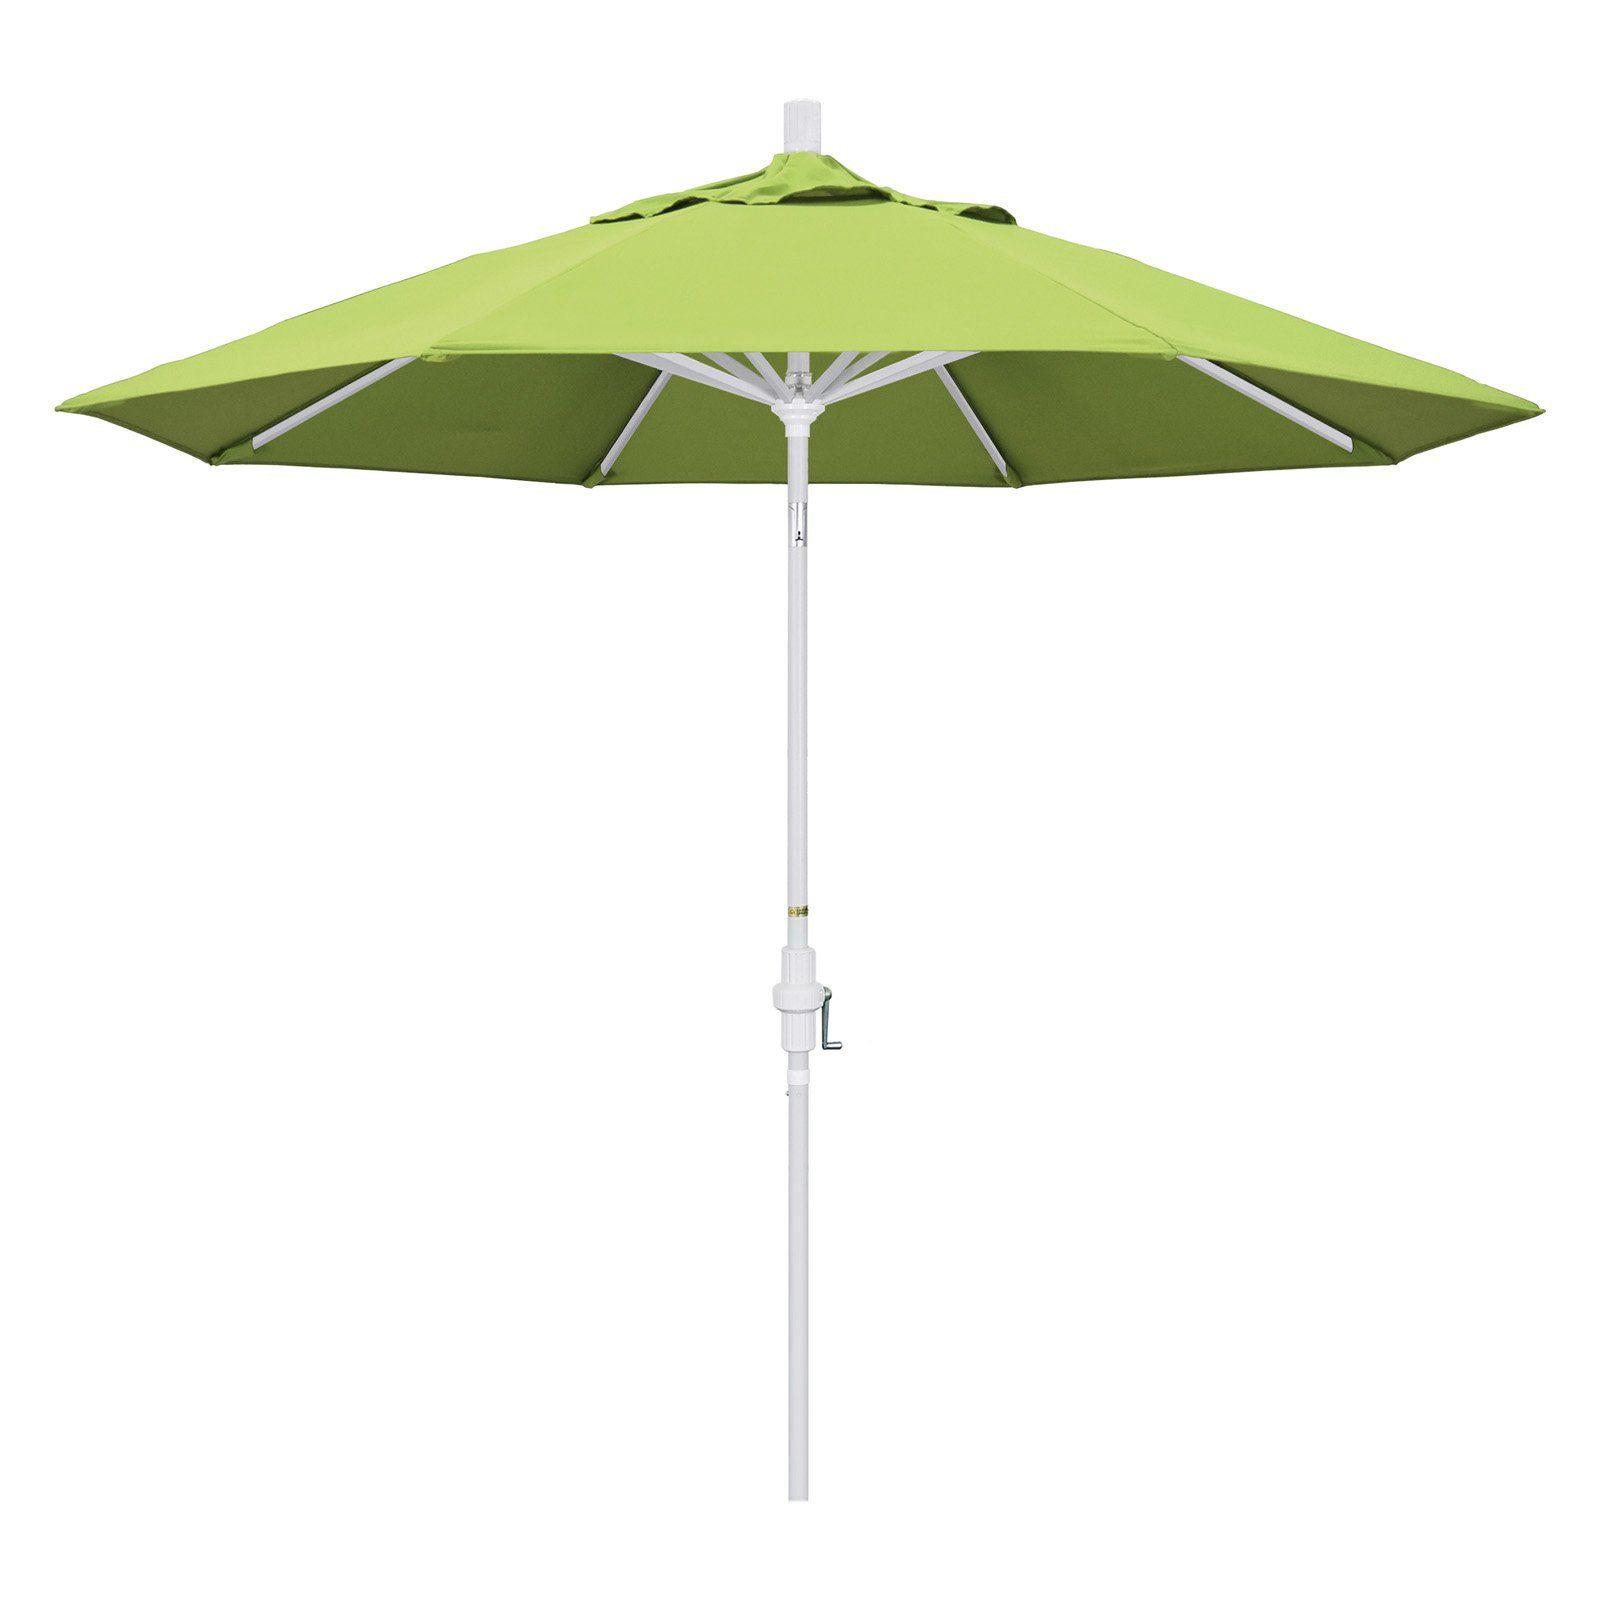 California Umbrella 9 Ft Fiberglass Tilt Sunbrella Market